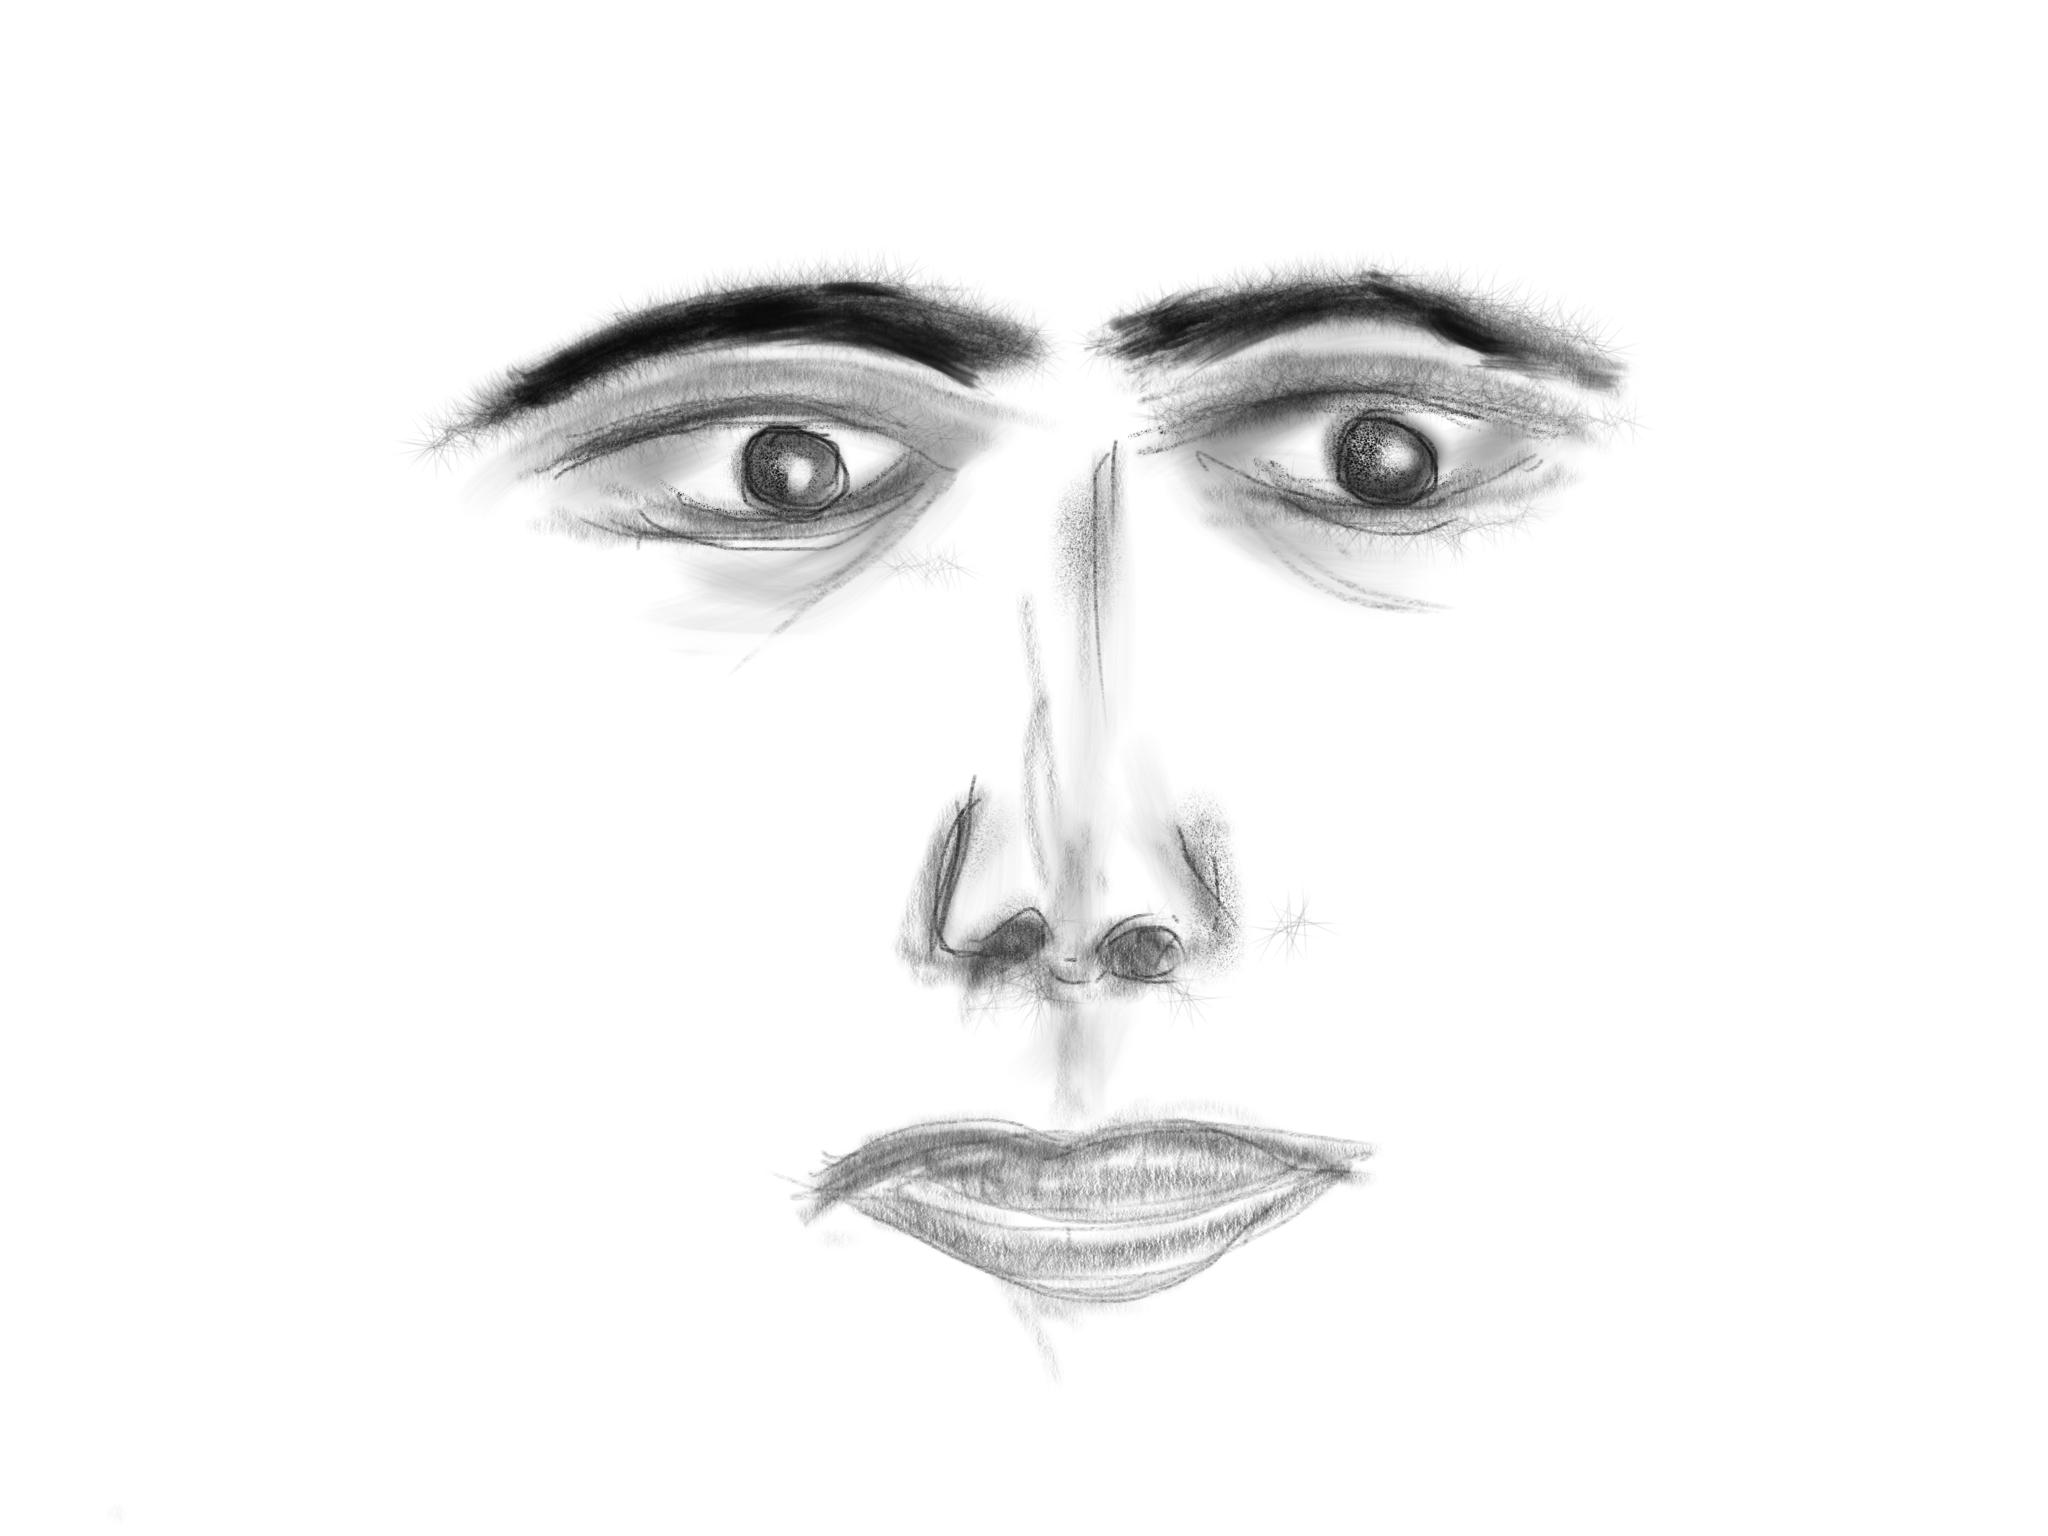 Drawn in Procreate- iPad